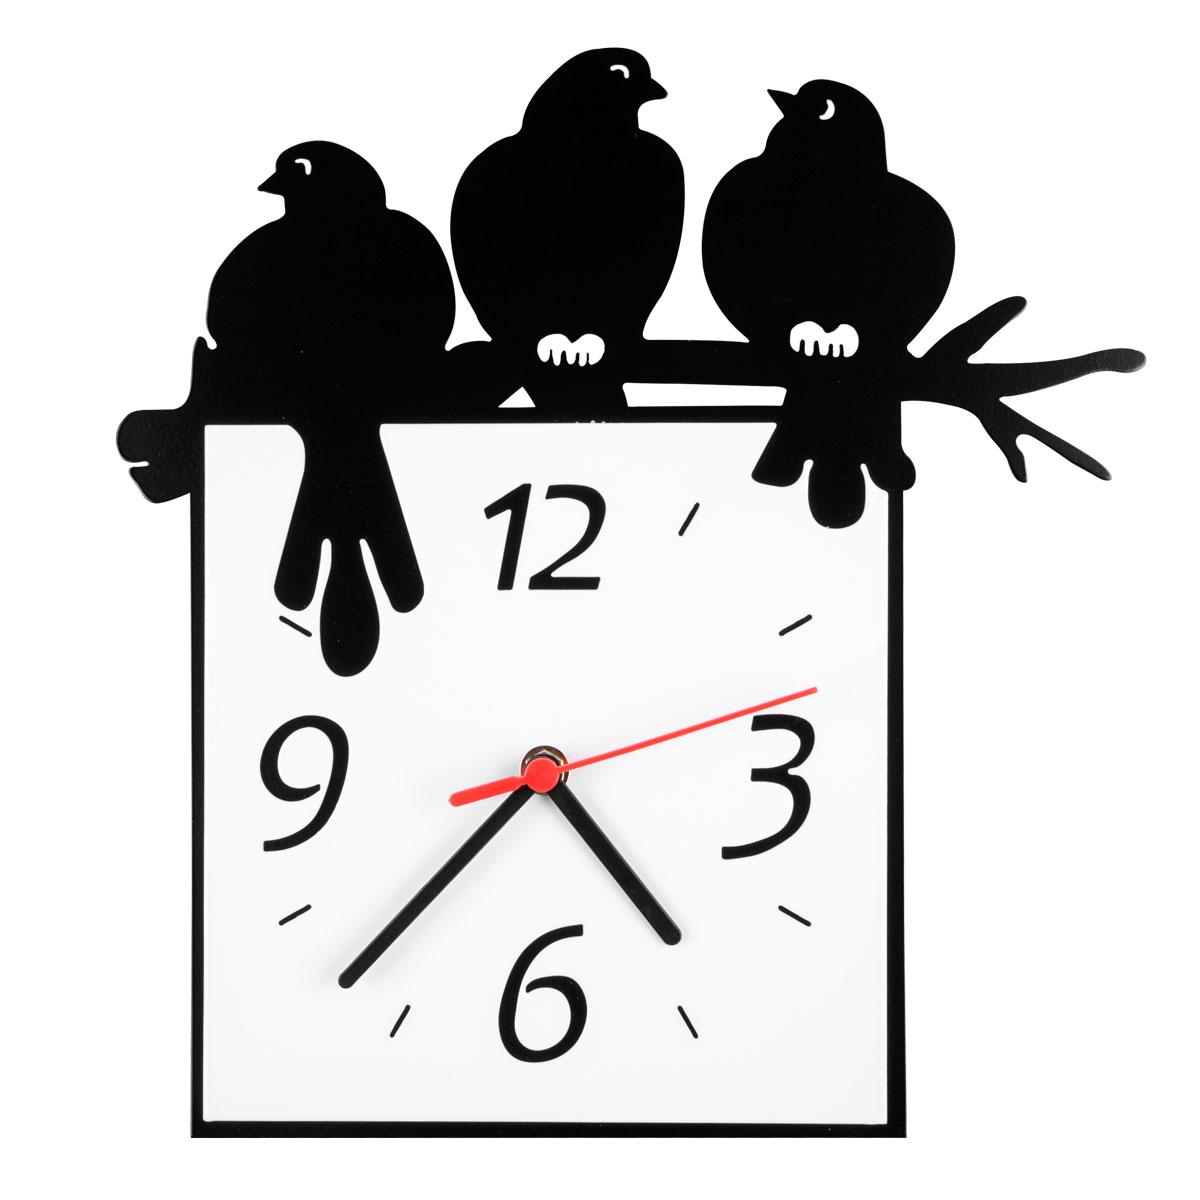 Часы настенные Miolla Птицы на веткеCH017Оригинальные настенные часы квадратной формы выполнены из стали. Часы имеют три стрелки - часовую, минутную и секундную и циферблат с цифрами. Необычное дизайнерское решение и качество исполнения придутся по вкусу каждому. Часы работают от 1 батарейки типа АА напряжением 1,5 В.